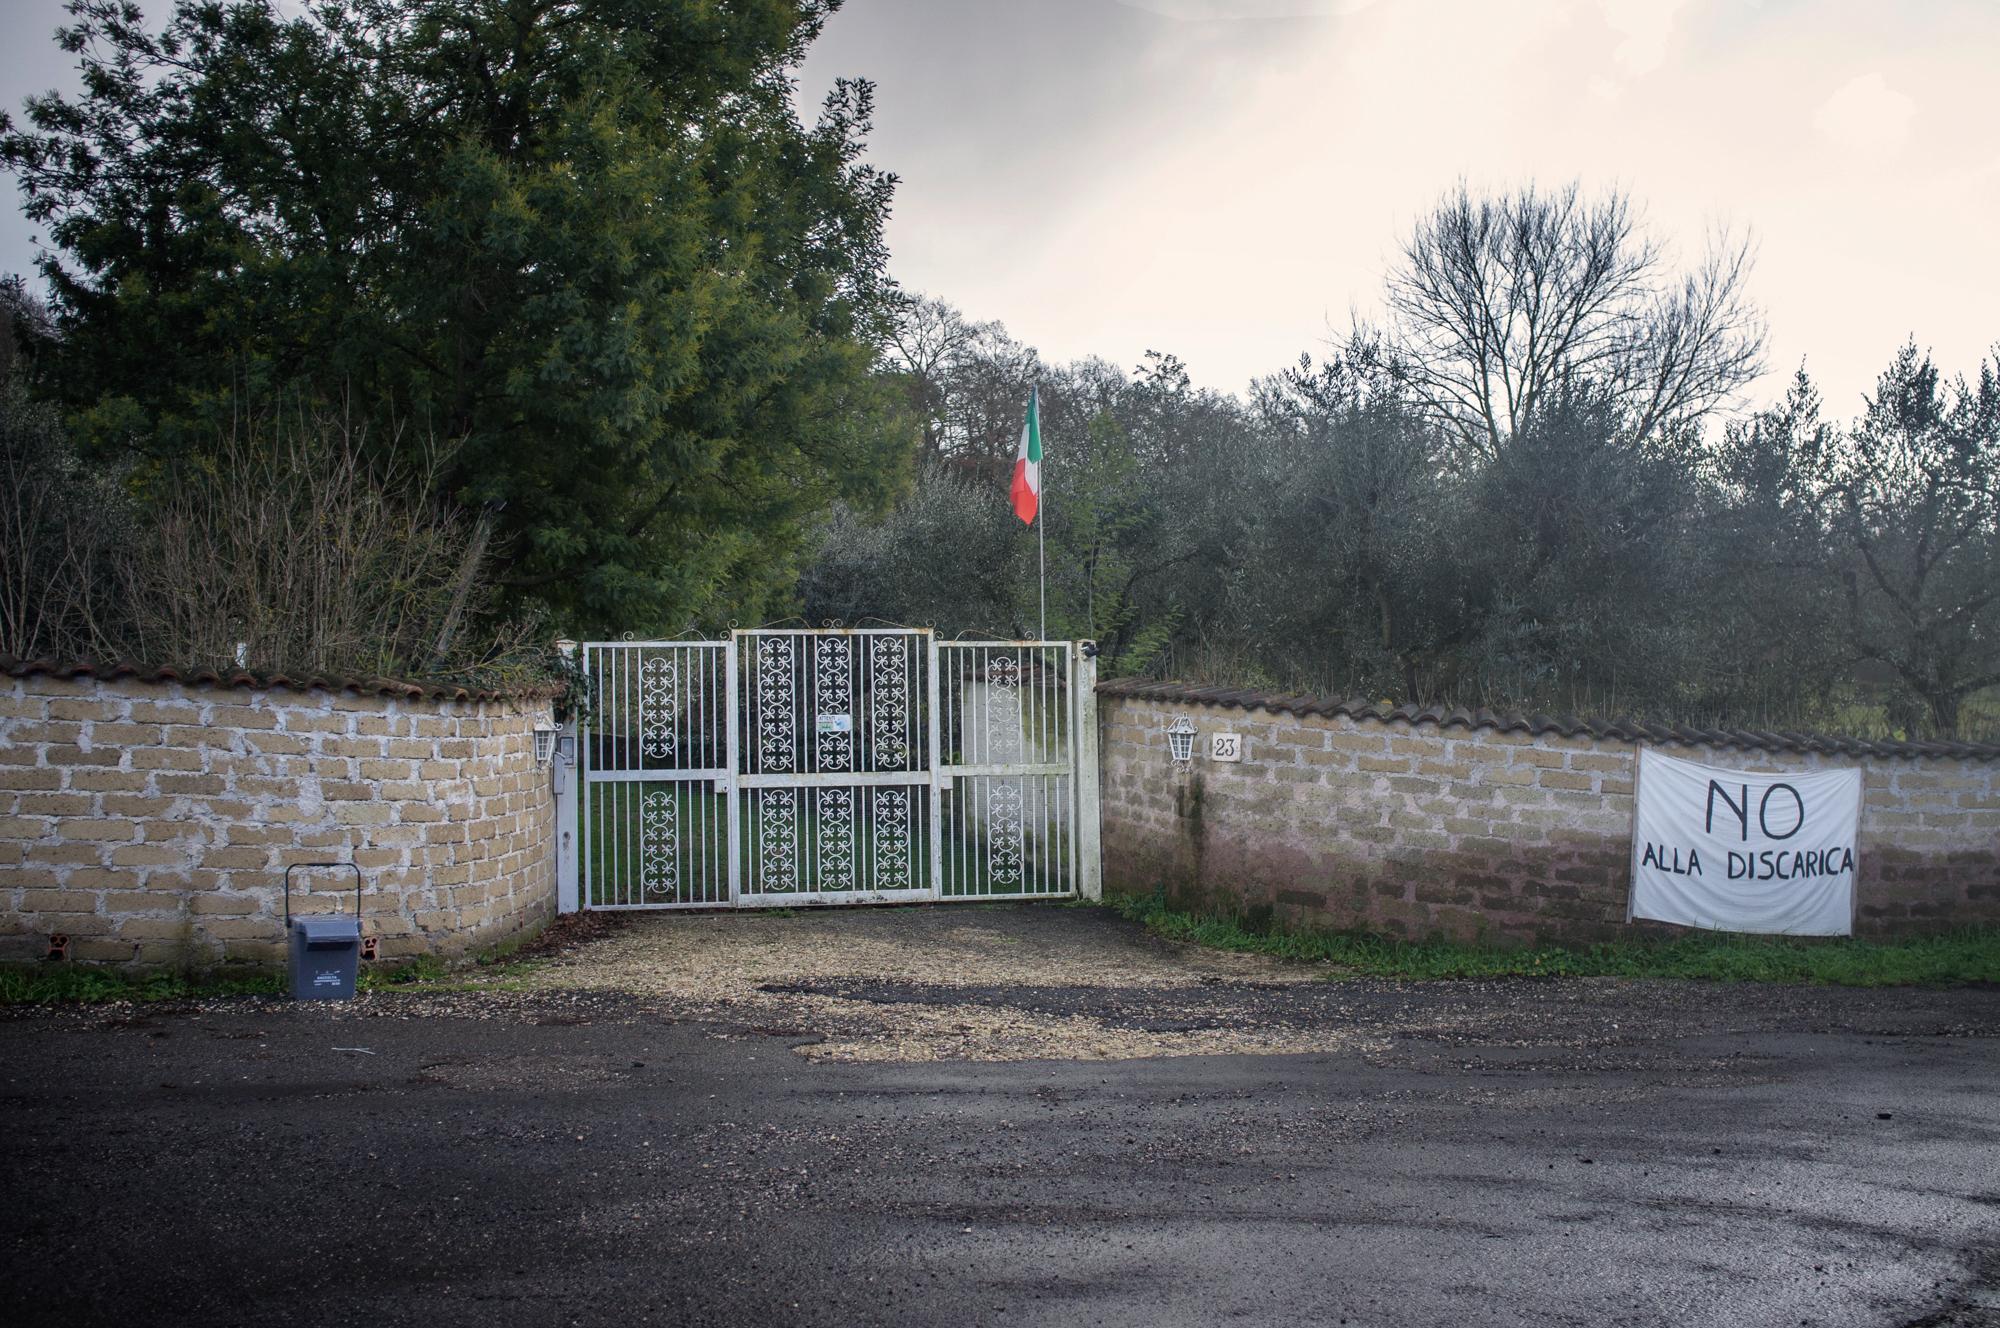 Abitazione privata a meno di 700 metri dal sito di Riano.